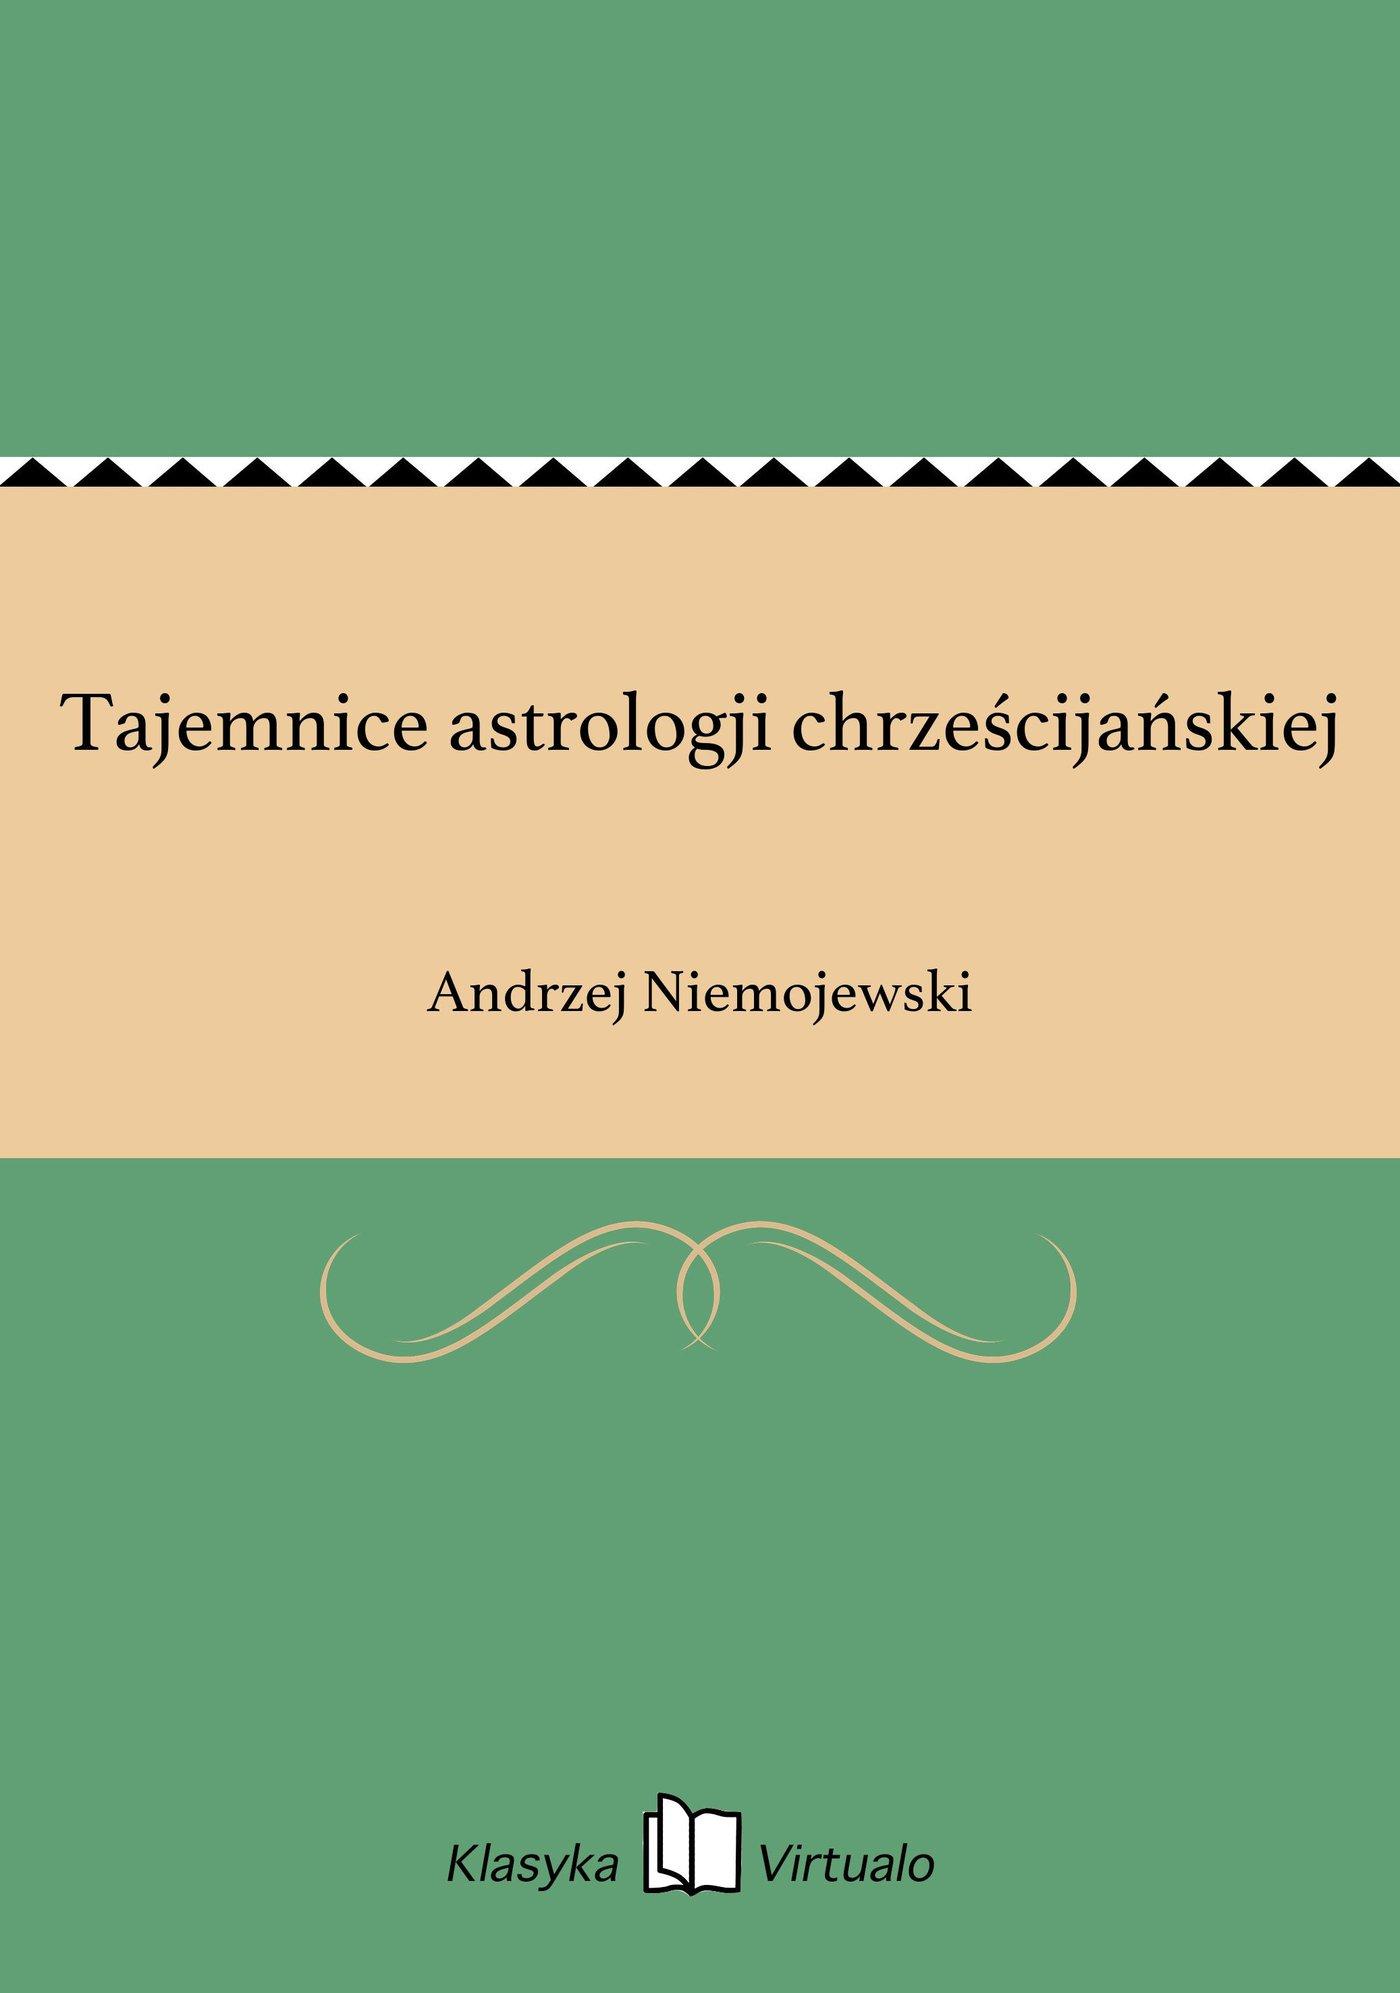 Tajemnice astrologji chrześcijańskiej - Ebook (Książka na Kindle) do pobrania w formacie MOBI